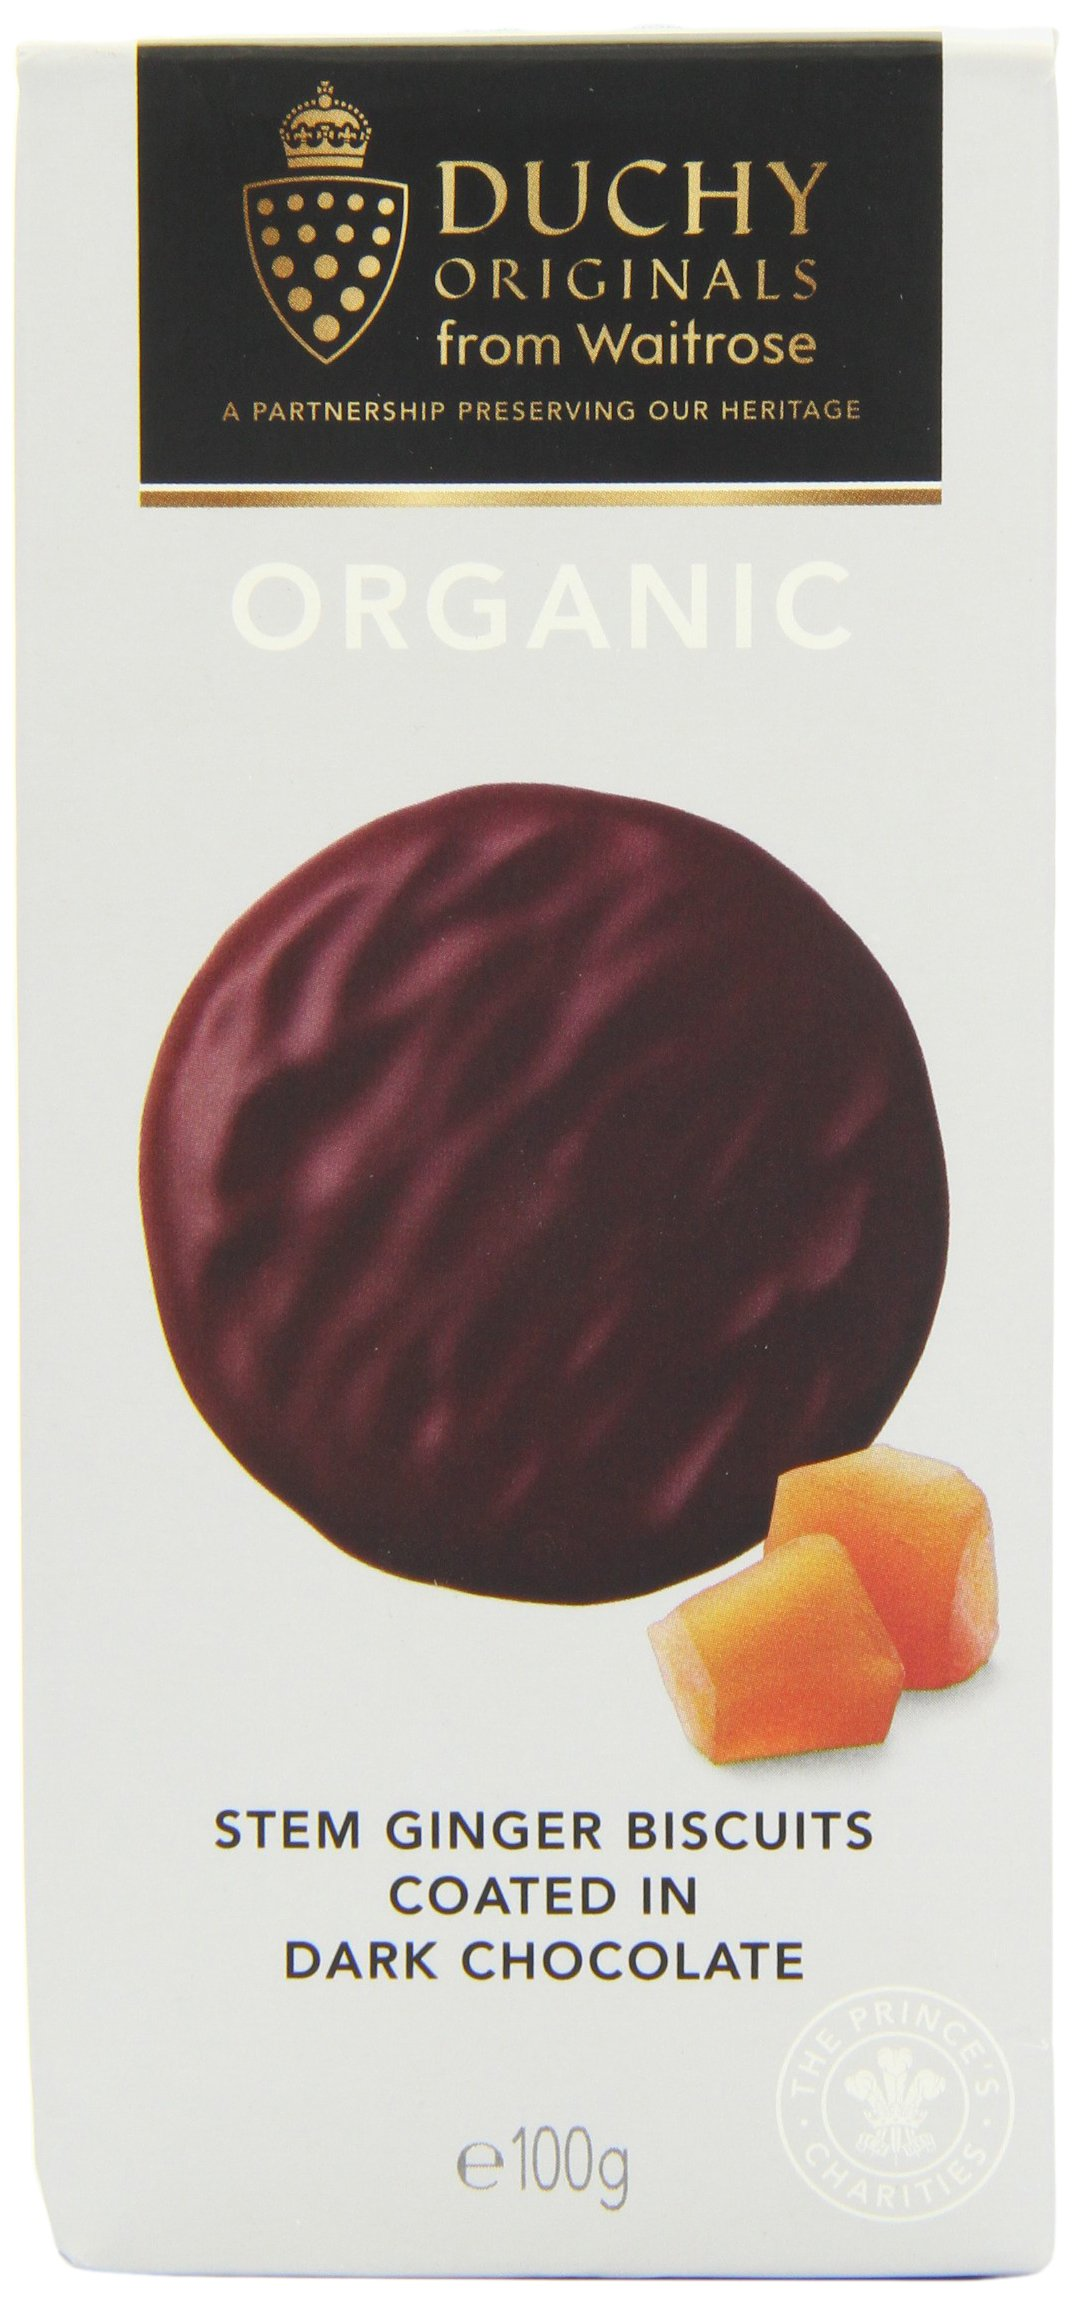 Duchy Originals Stem Ginger Dark Chocolate Organic Biscuits 100 g (Pack of 3)